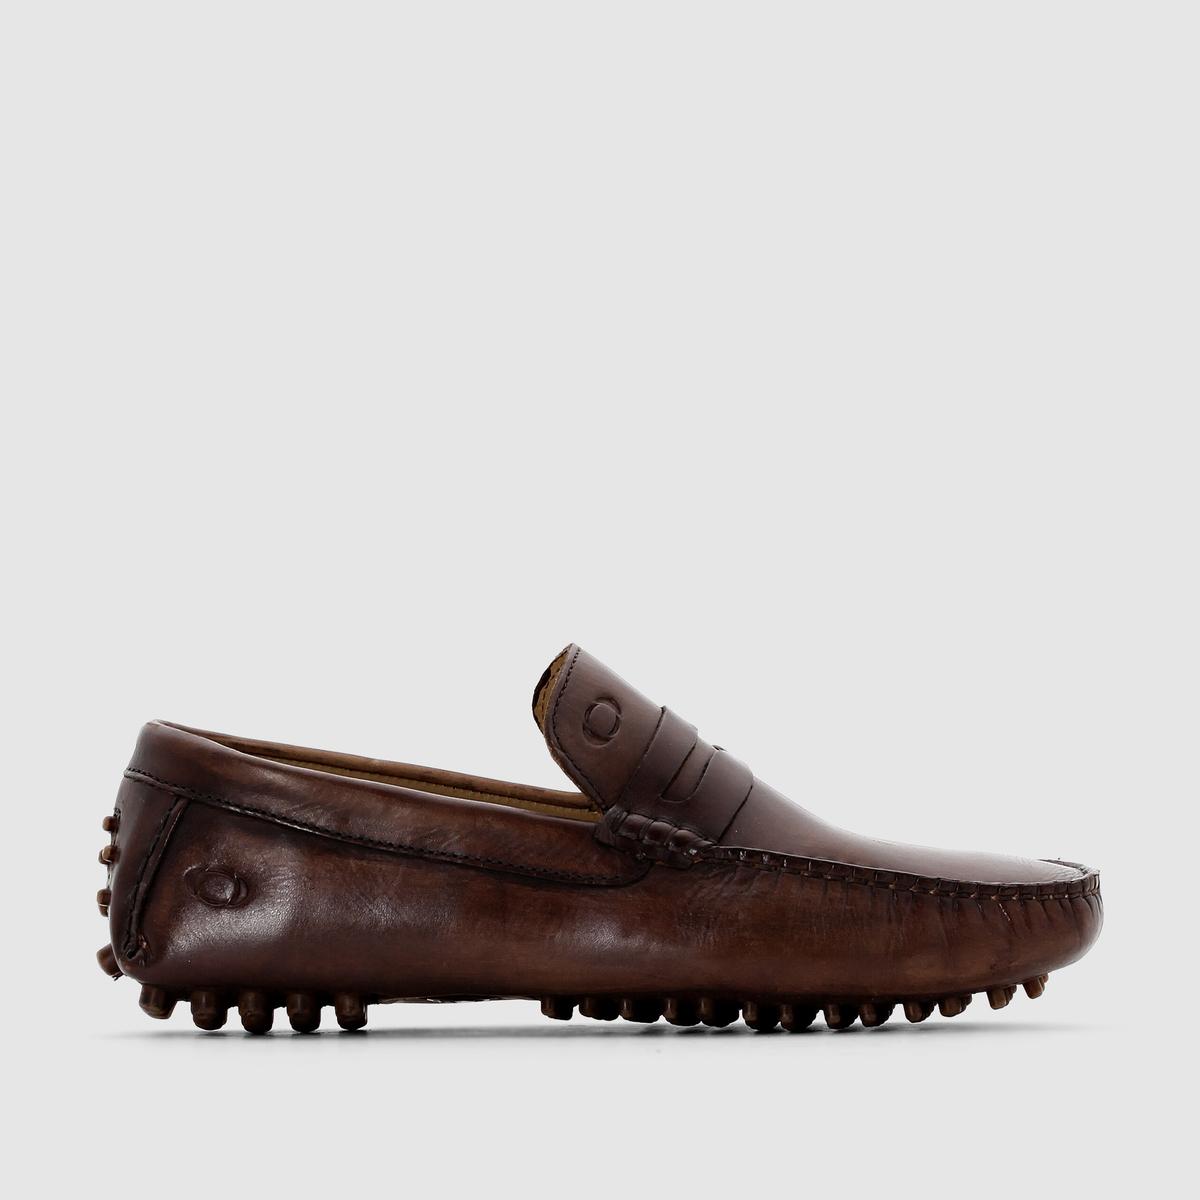 Мокасины кожаные MorganМокасины, модель  Morgan - BASE LONDONВерх : яловичная кожаПодкладка : кожа.Стелька : кожа.Подошва : синтетический ПУЗастежка : без застежки. Base London талантливый создатель модной и качественной мужской обуви. Марка подтверждает свою репутацию: В этих мокасинах традиционный стиль обуви студента колледжа из качественной кожи сочетается с оригинальными рельефными деталями на подошве и пятке. Лёгкая, удобная и стильная модель для лета! Которая гарантирует привлекательную походку, изящную и расслабленную!<br><br>Цвет: каштановый